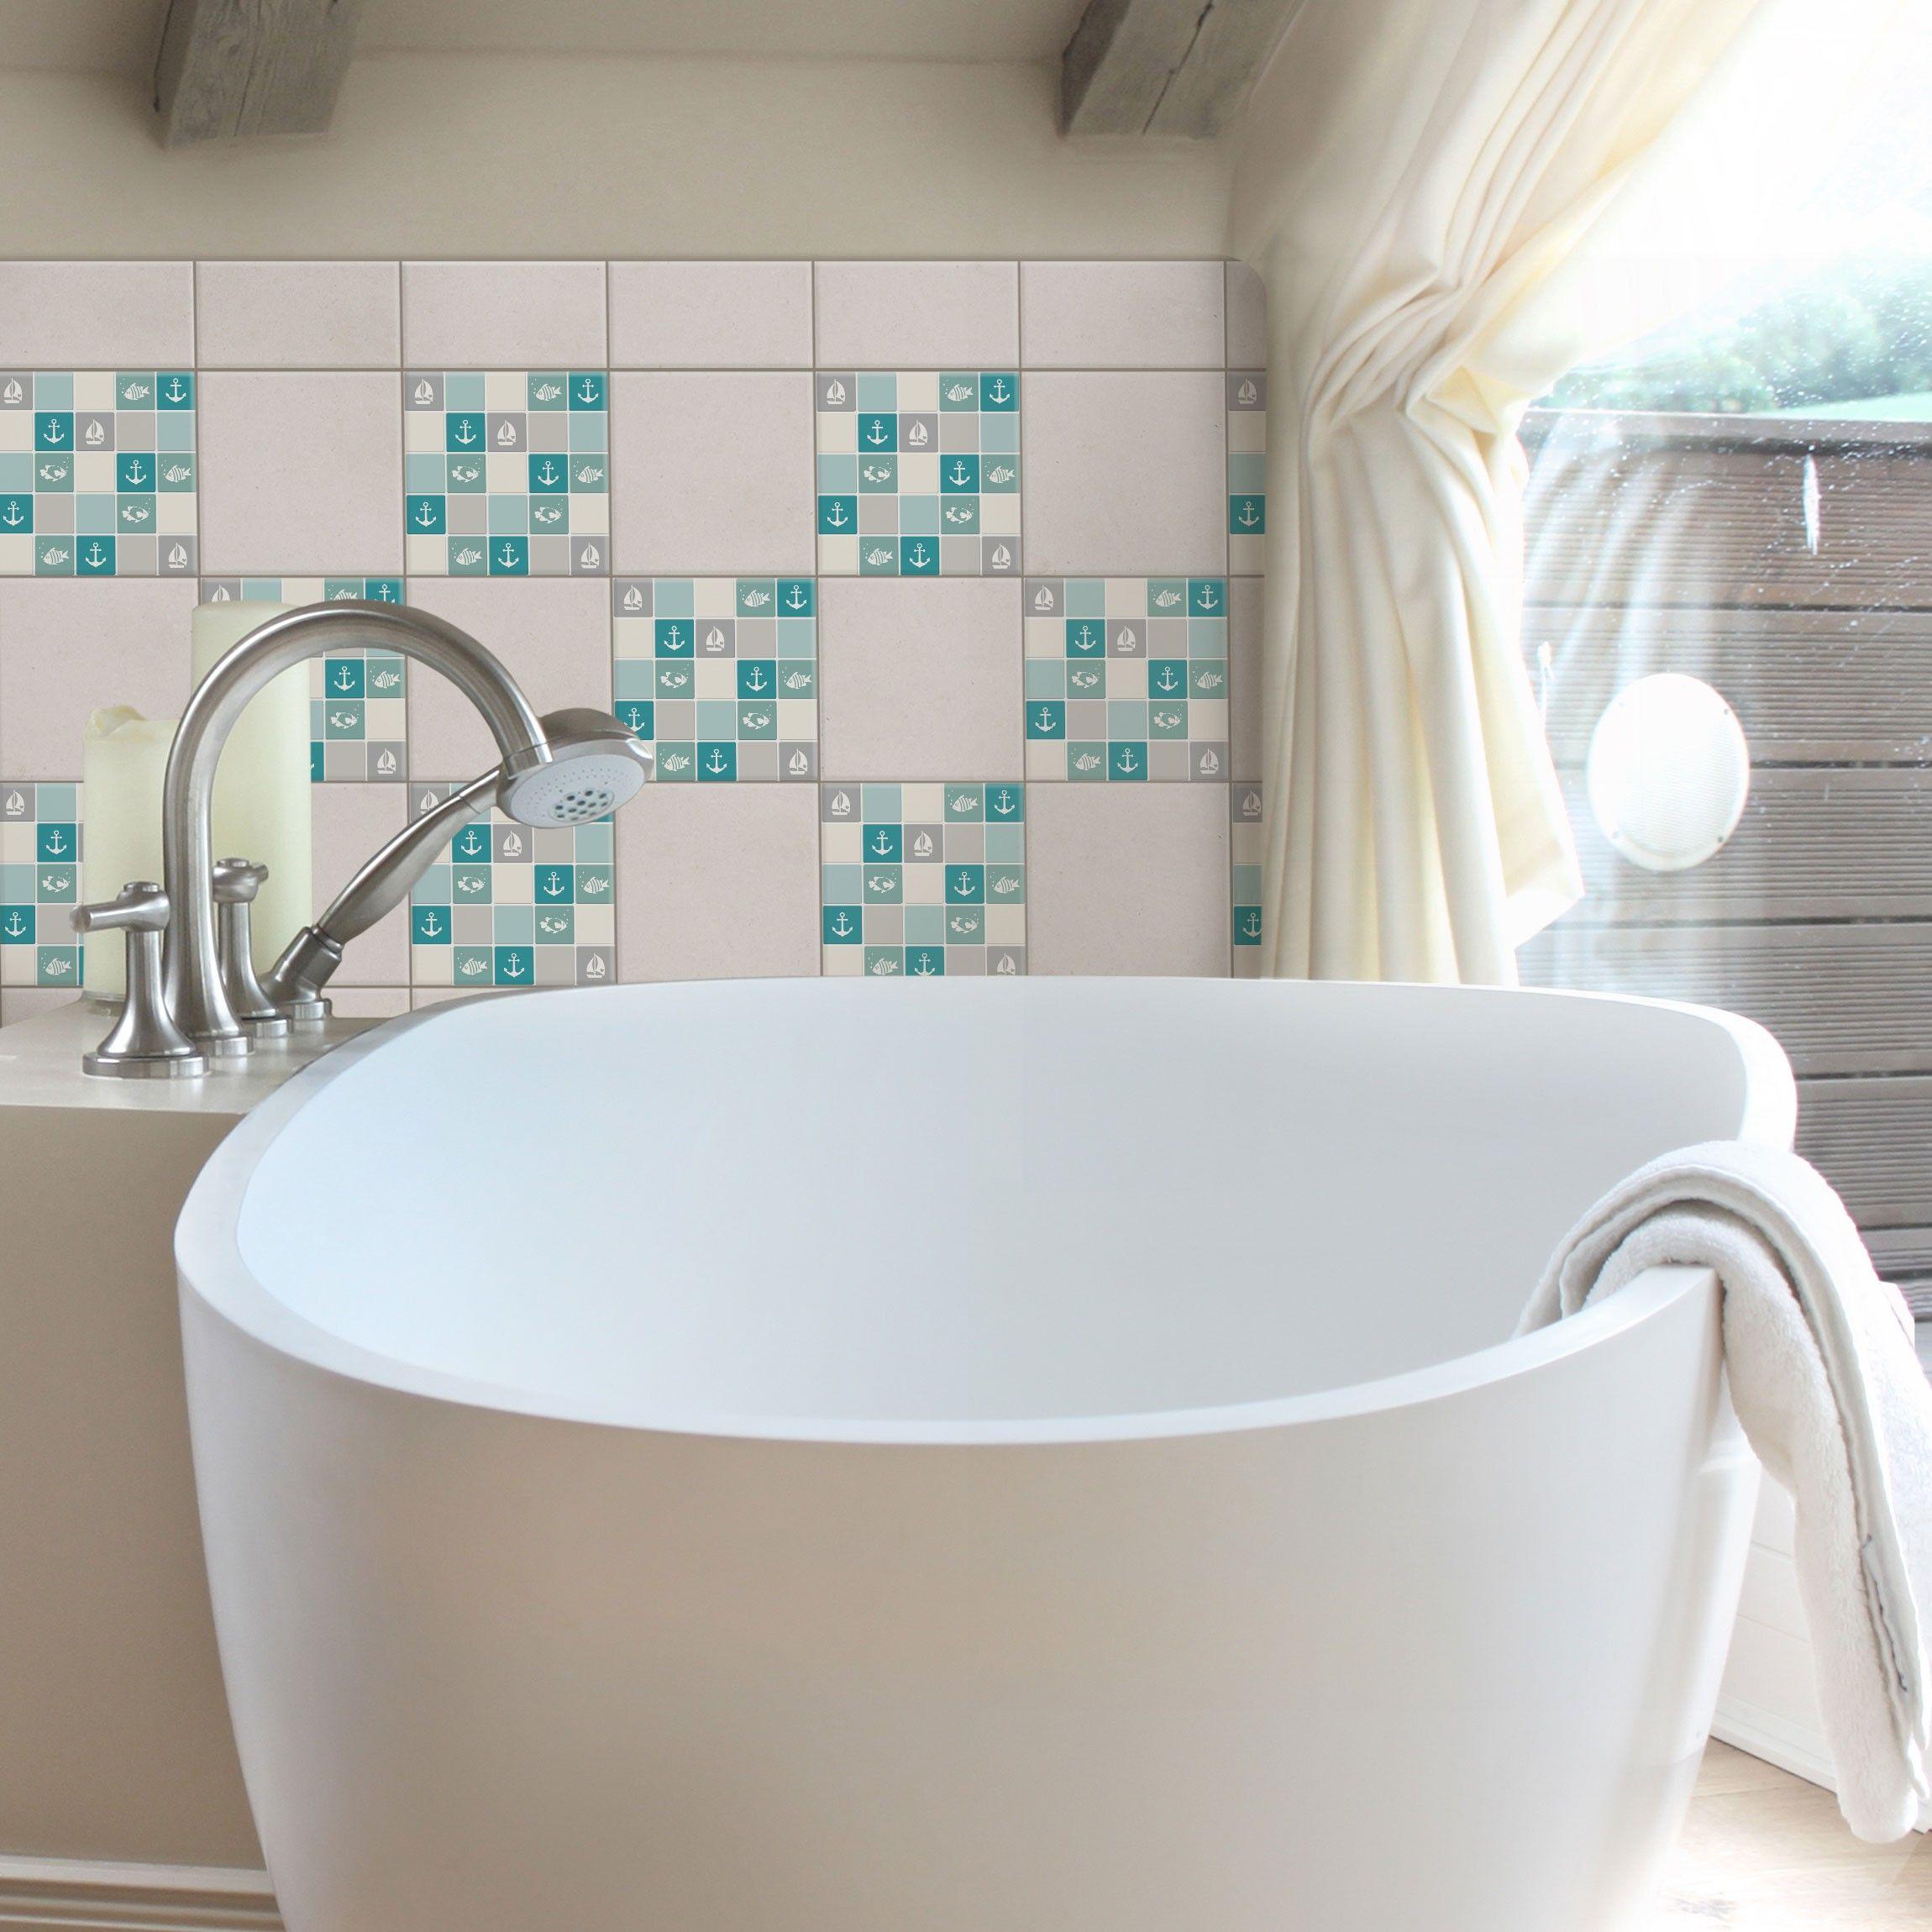 Frisch Badezimmer Fliesen Mosaik Bordure Entwurf Houz Ideen Wadudu Http Houzideenwadudu Blogspot Com 2 In 2020 Badezimmer Fliesen Badezimmer Badezimmer Quadratisch